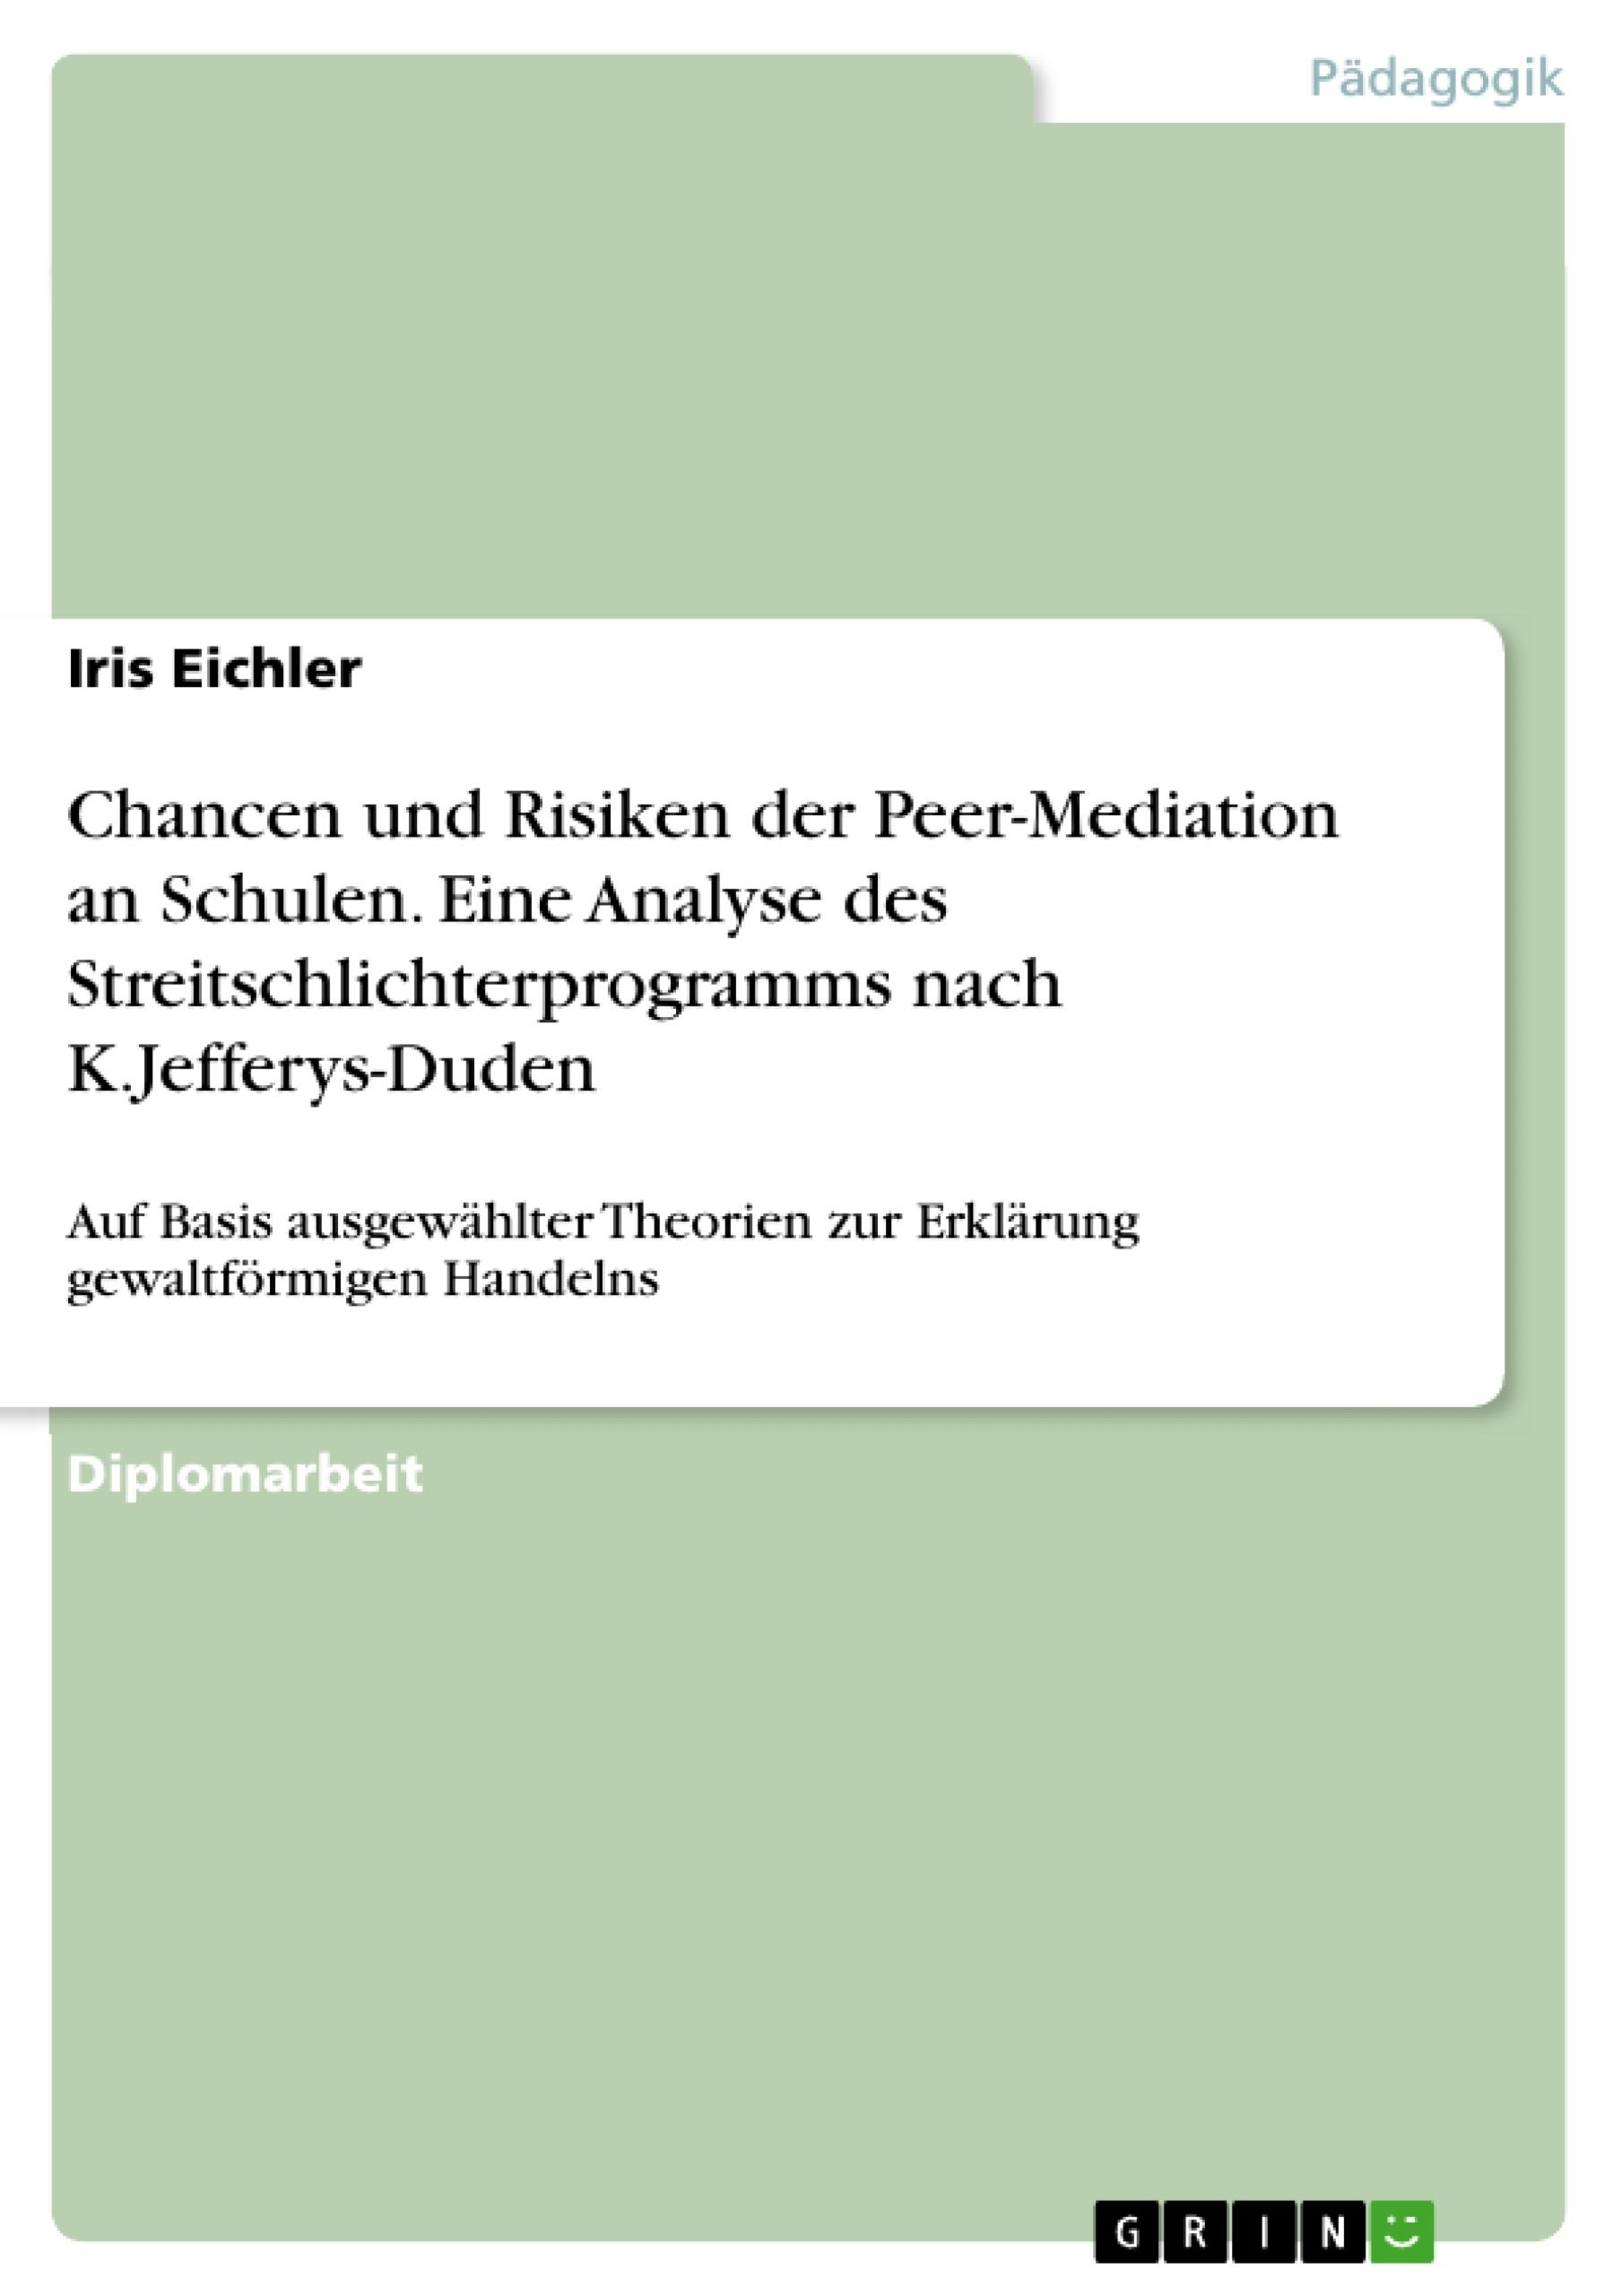 Titel: Chancen und Risiken der Peer-Mediation an Schulen. Eine Analyse des Streitschlichterprogramms nach K.Jefferys-Duden